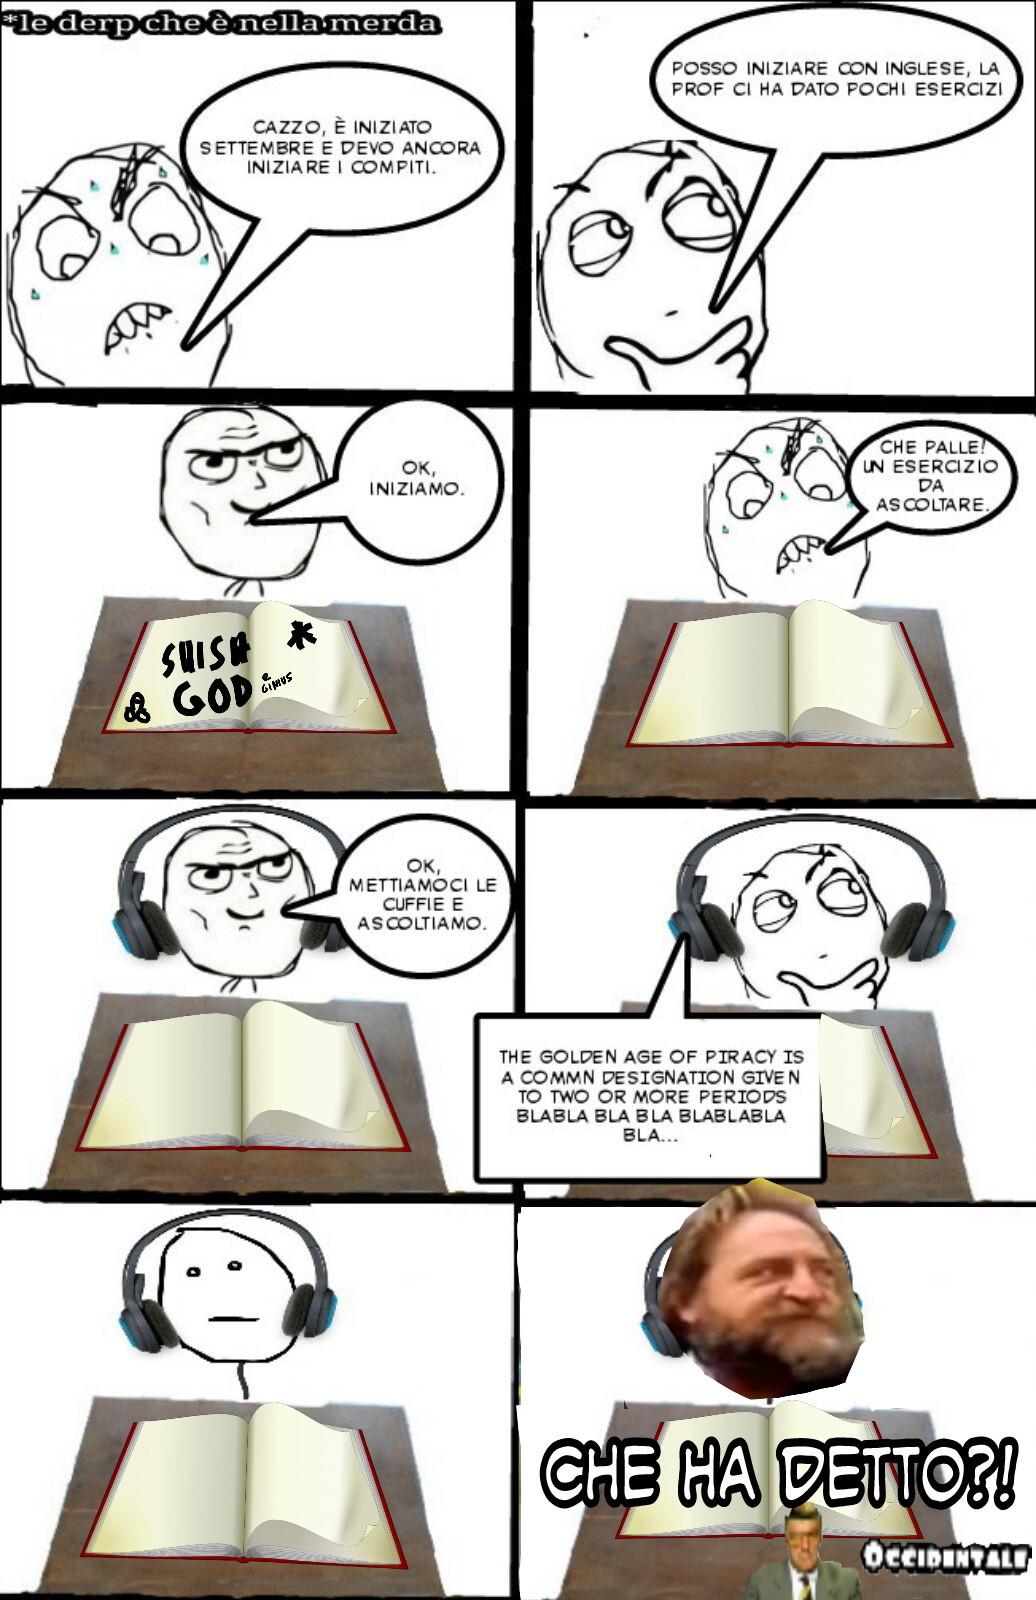 Spero vi piaccia, ceeto gb 13. Chi riesce a decofrare ciò che c'è scritto nella 3a vignetta verrà citato nel prossimo meme!